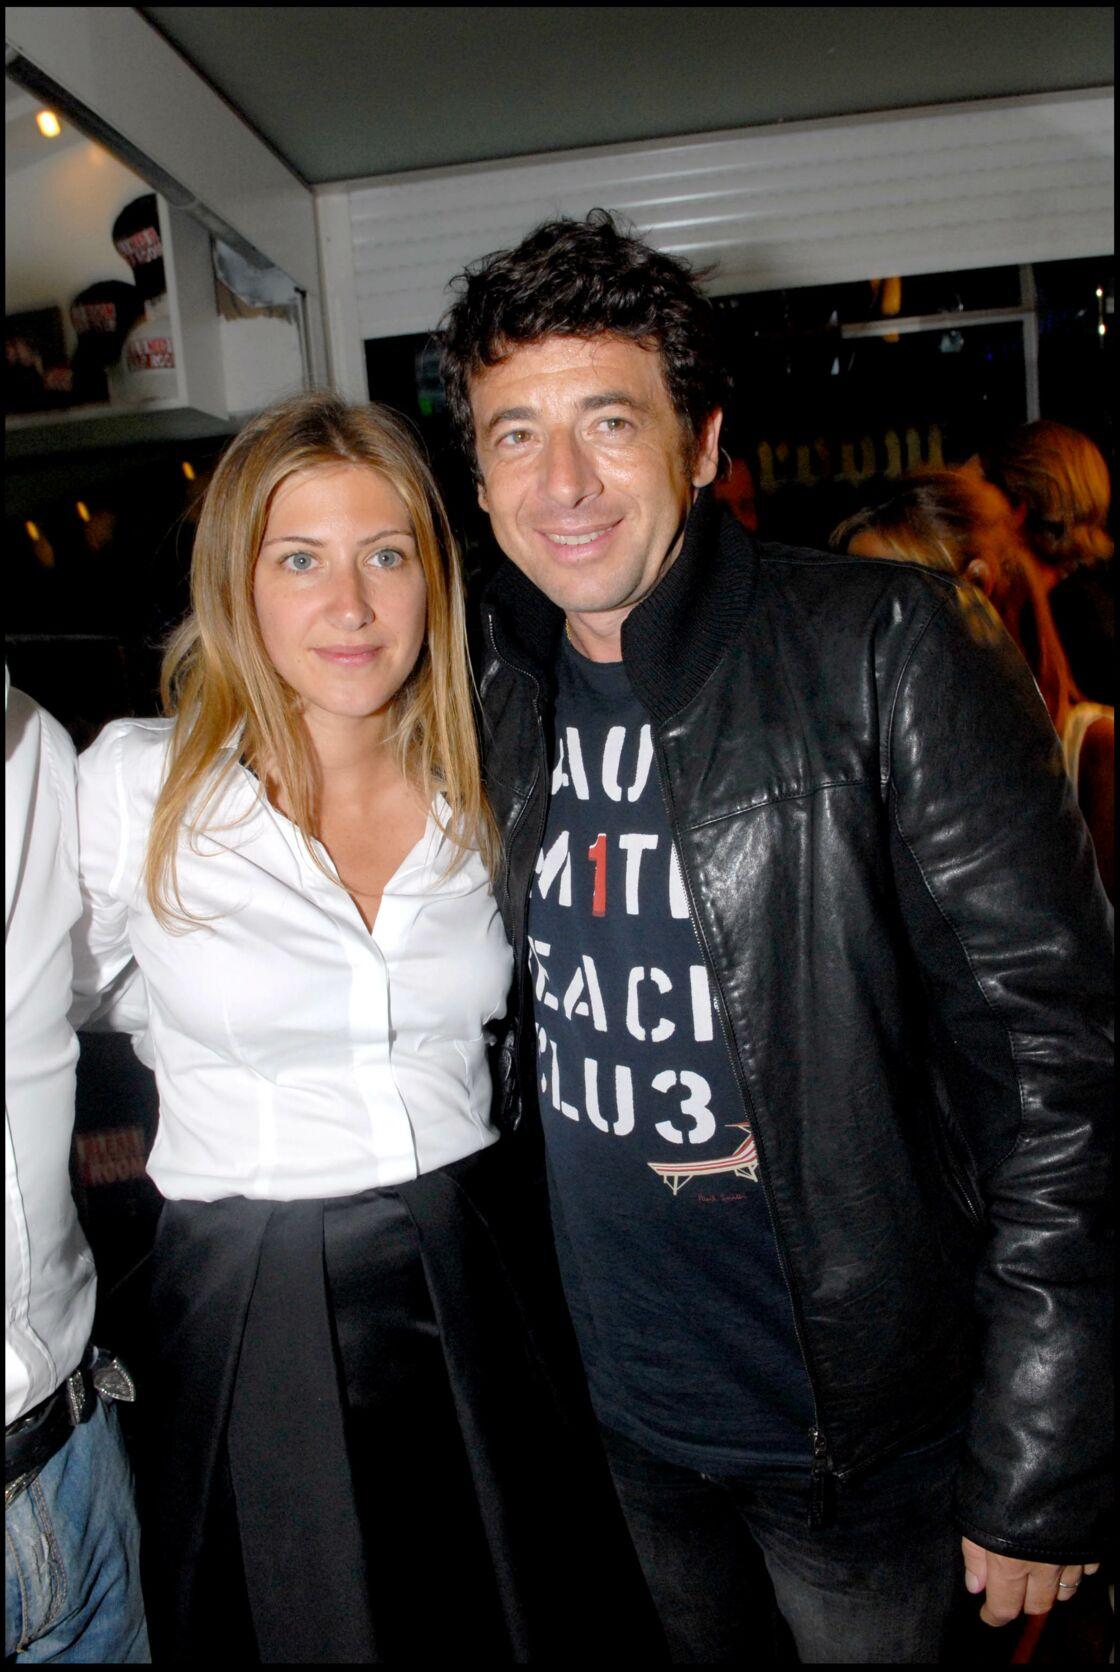 Patrick Bruel et son ex-femme Amanda Sthers en juin 2007 au VIP Room de Saint Tropez